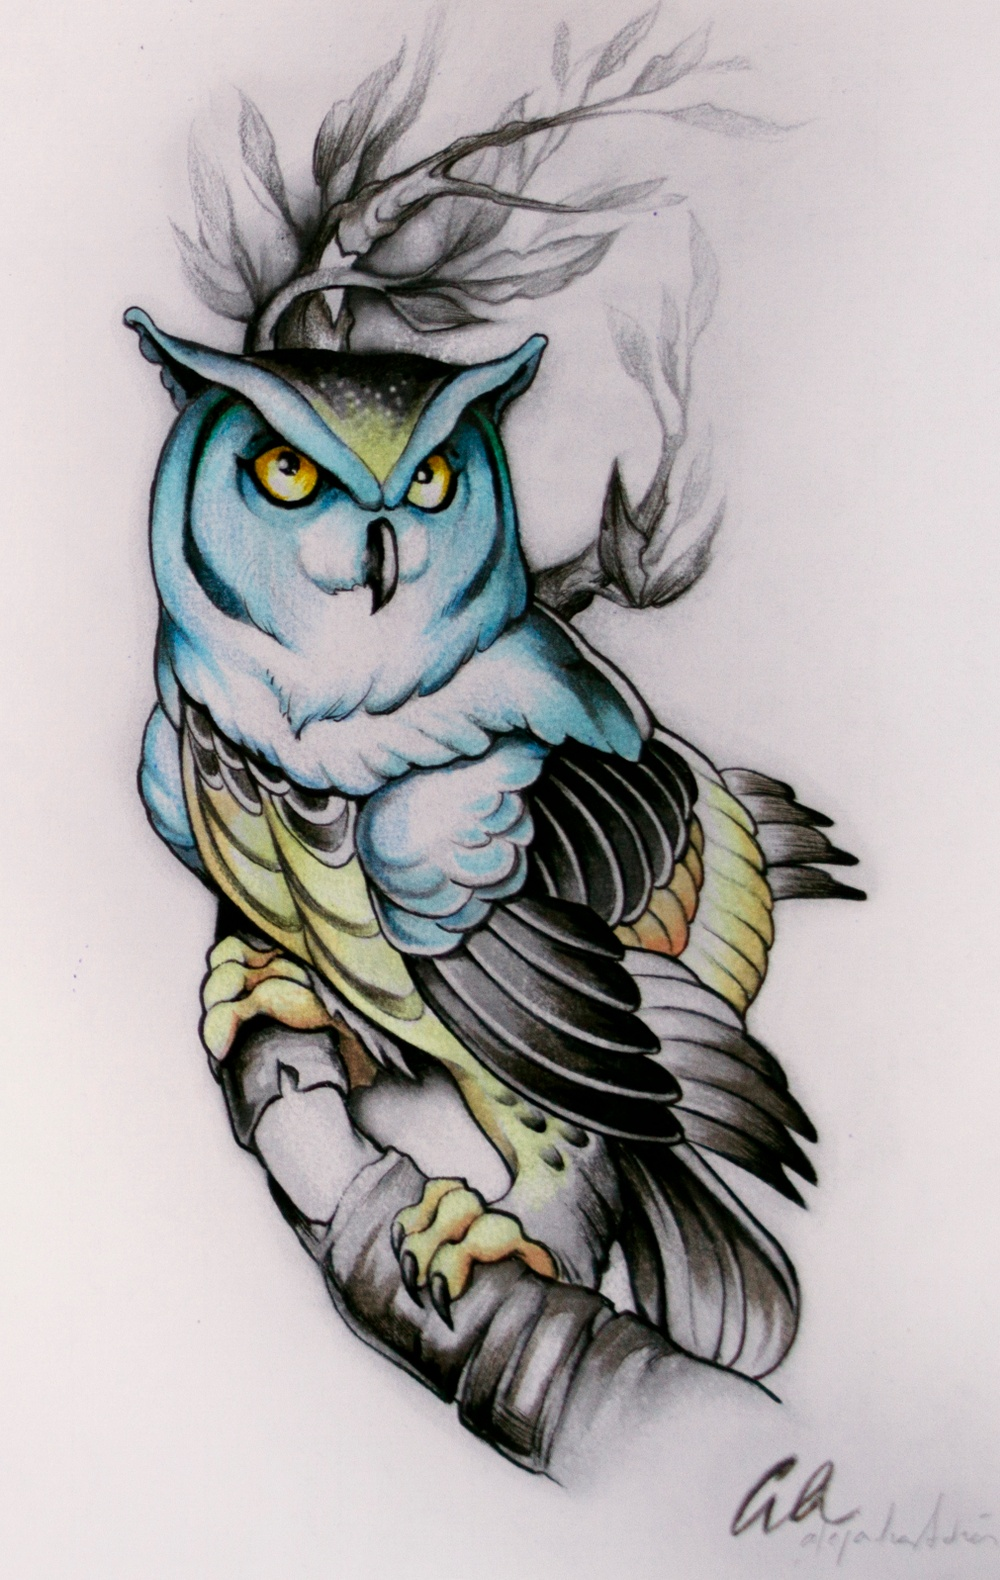 Illustration: Alejandra Andres, tatuerare i Barcelona